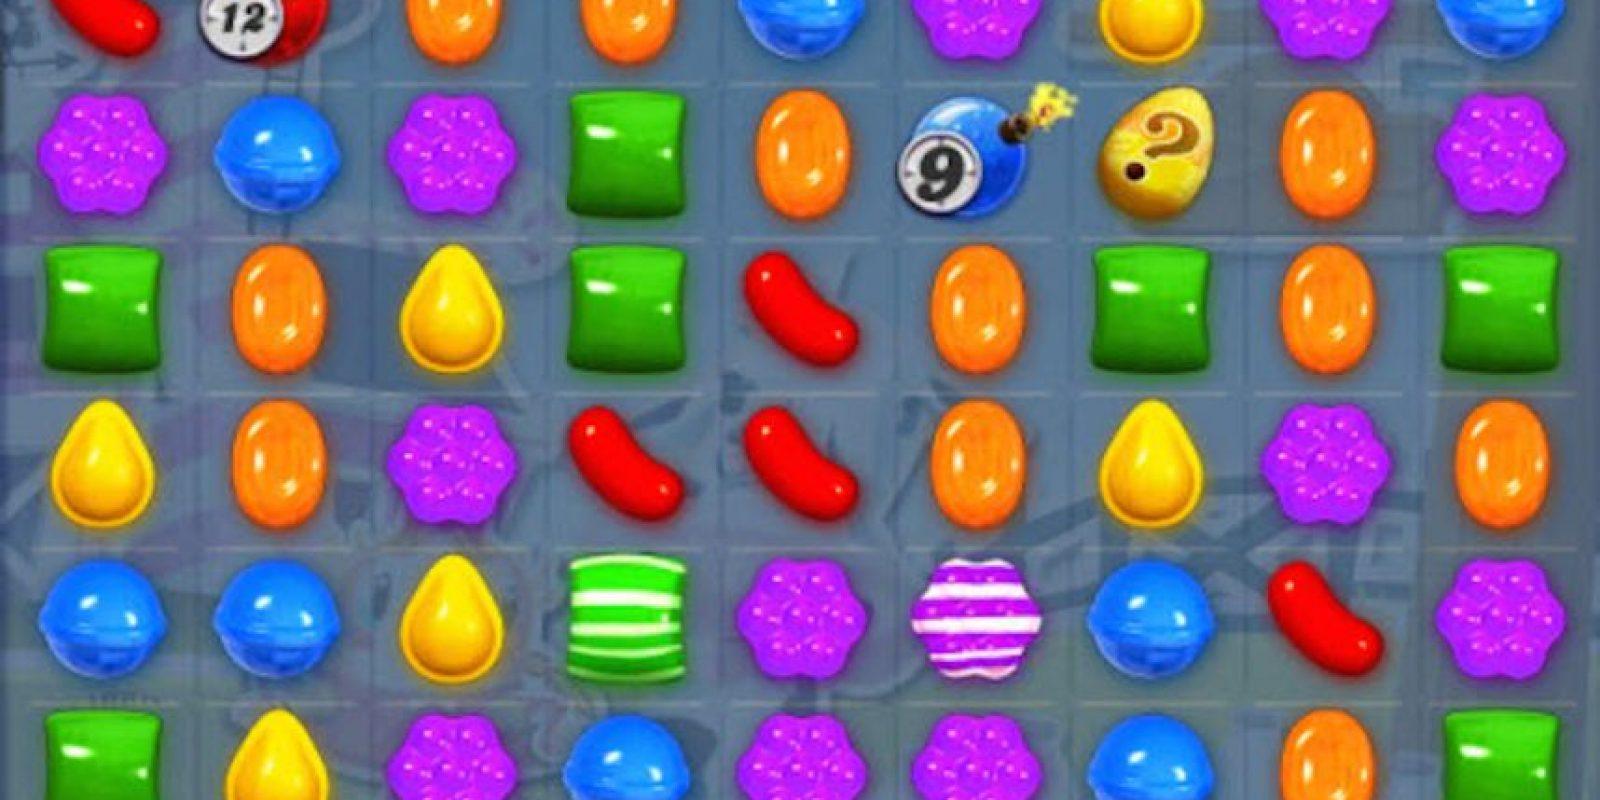 """""""Candy Crush"""" no es el único juego de puzzle para móviles. Acá les traemos 10 opciones similares al famoso juego Foto:flickr.com/photos/melyblog/"""